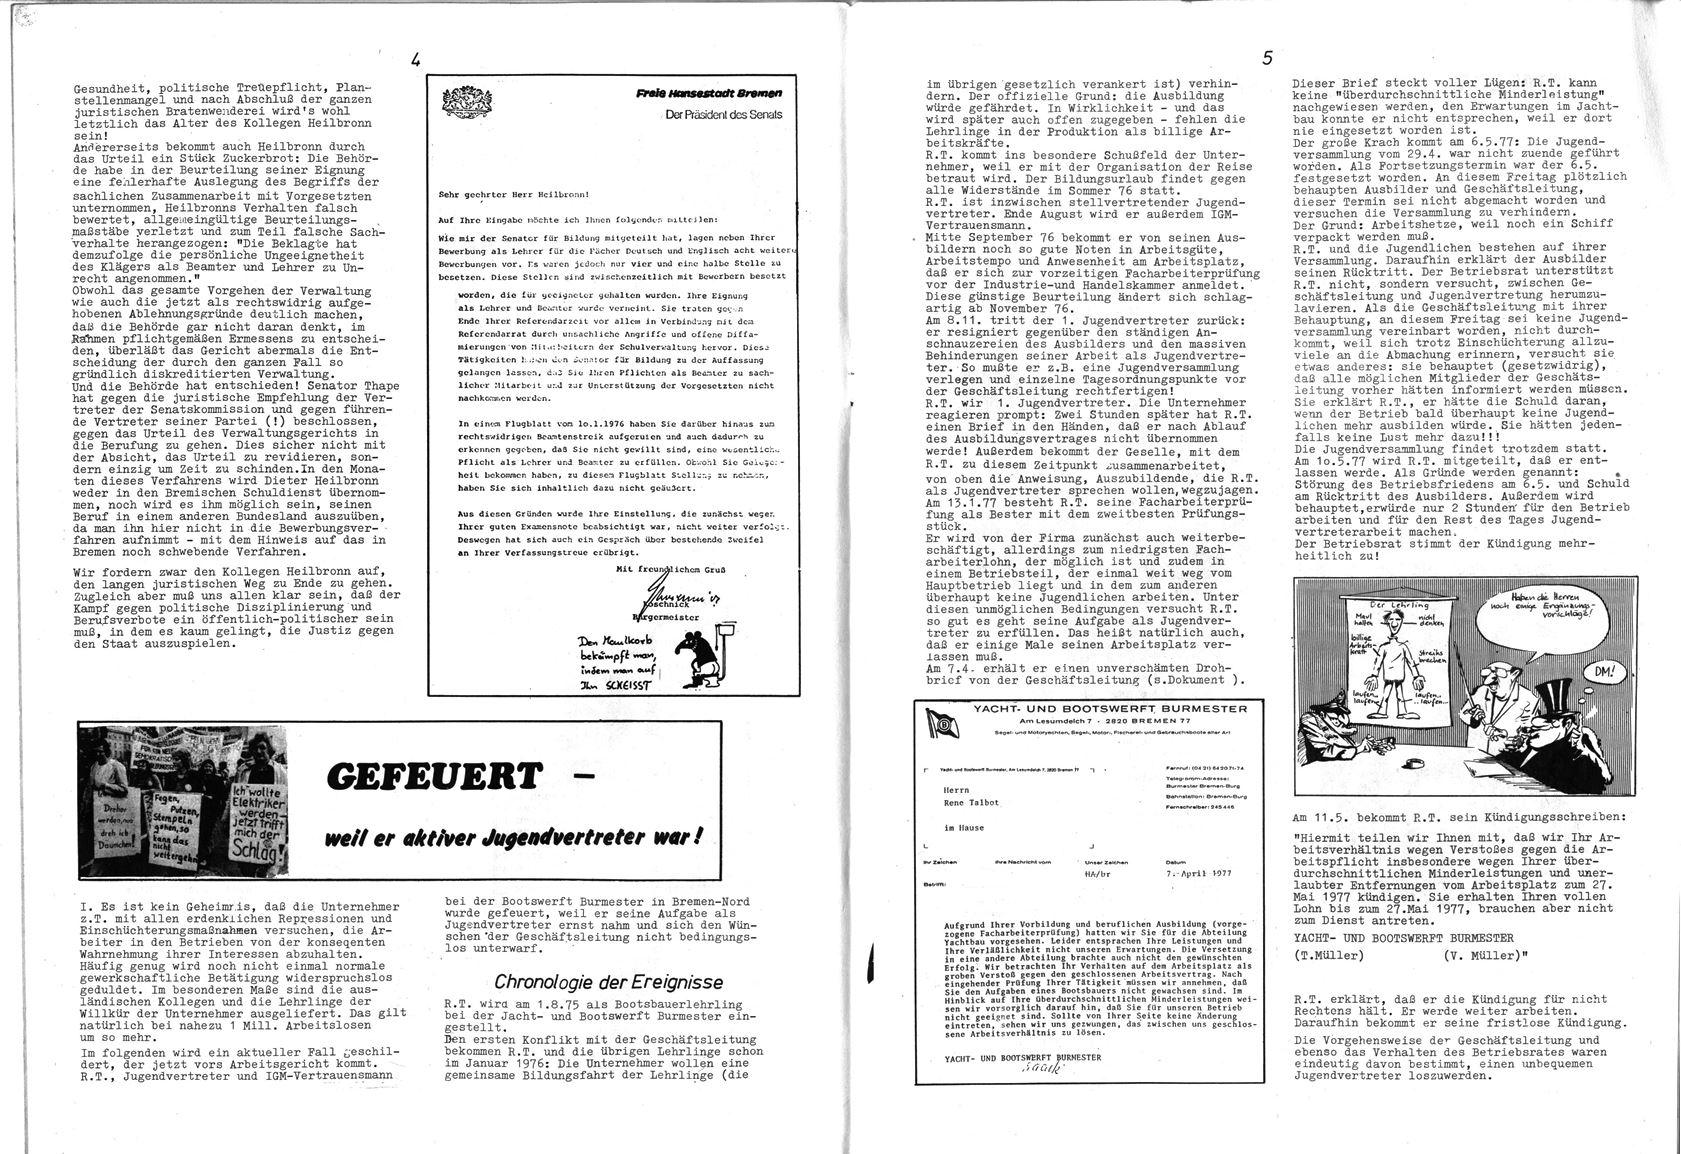 Bremen_Politische_Unterdrueckung_004